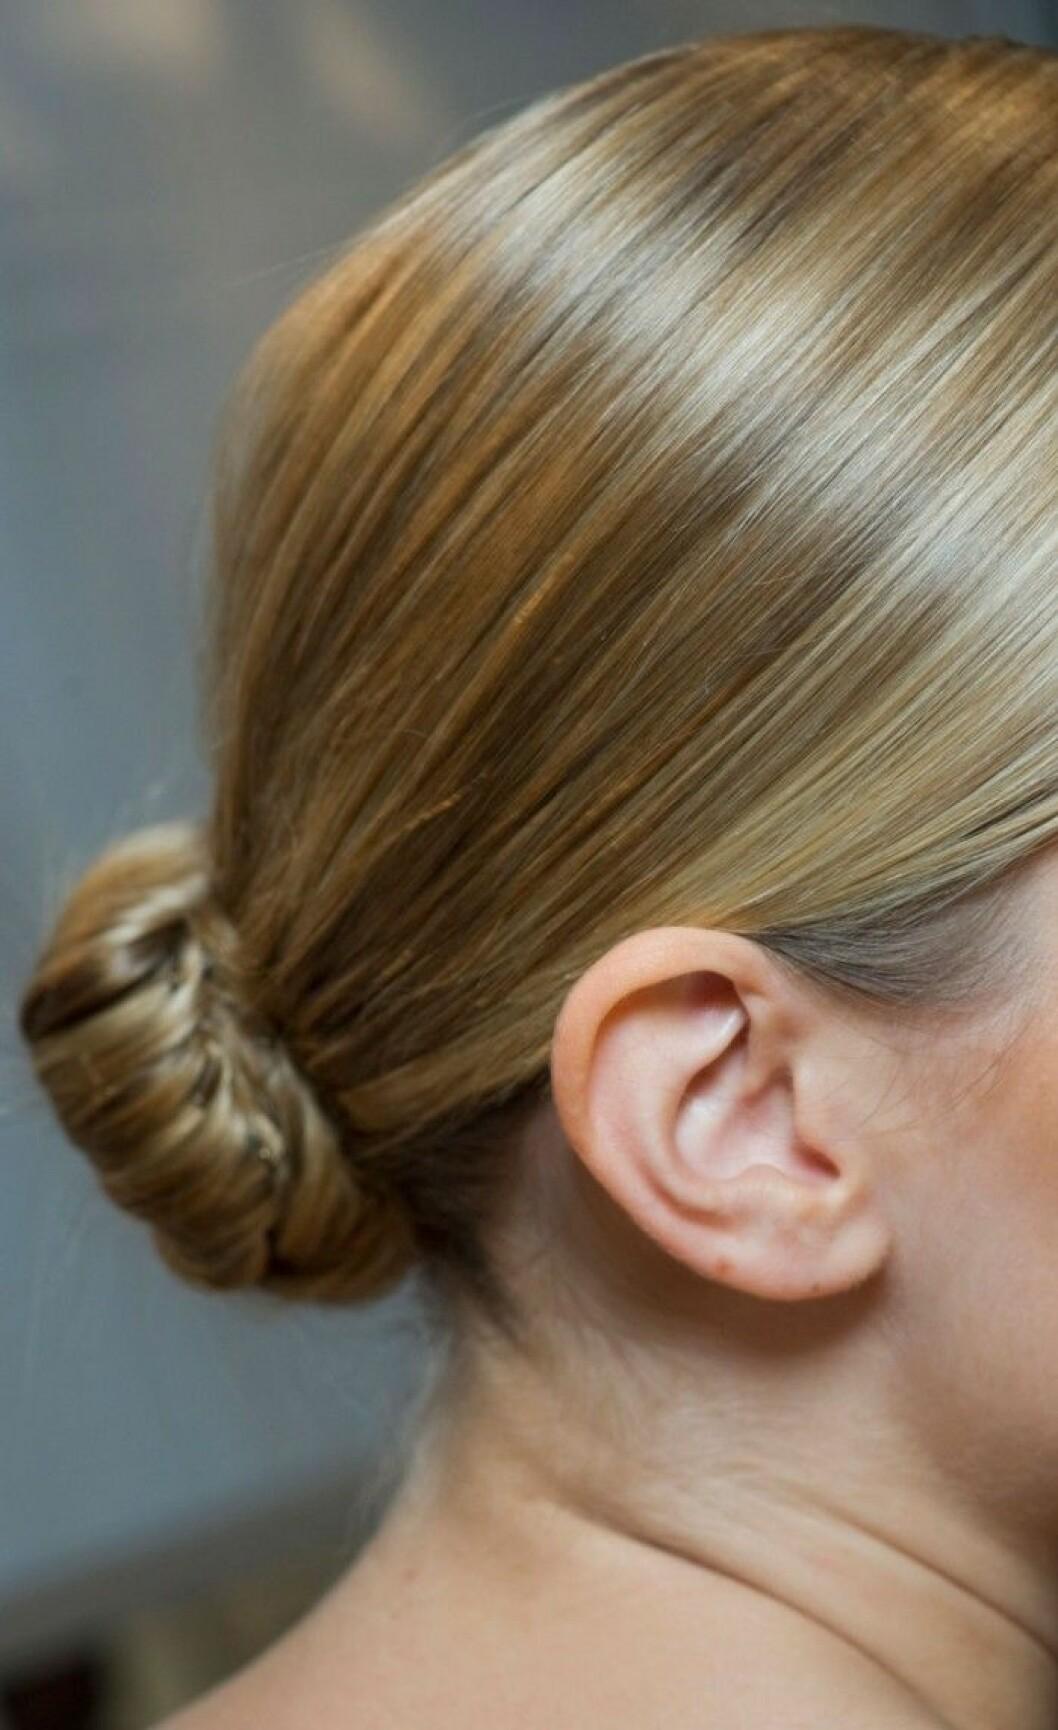 Kvinna med knut lågt ner på huvudet